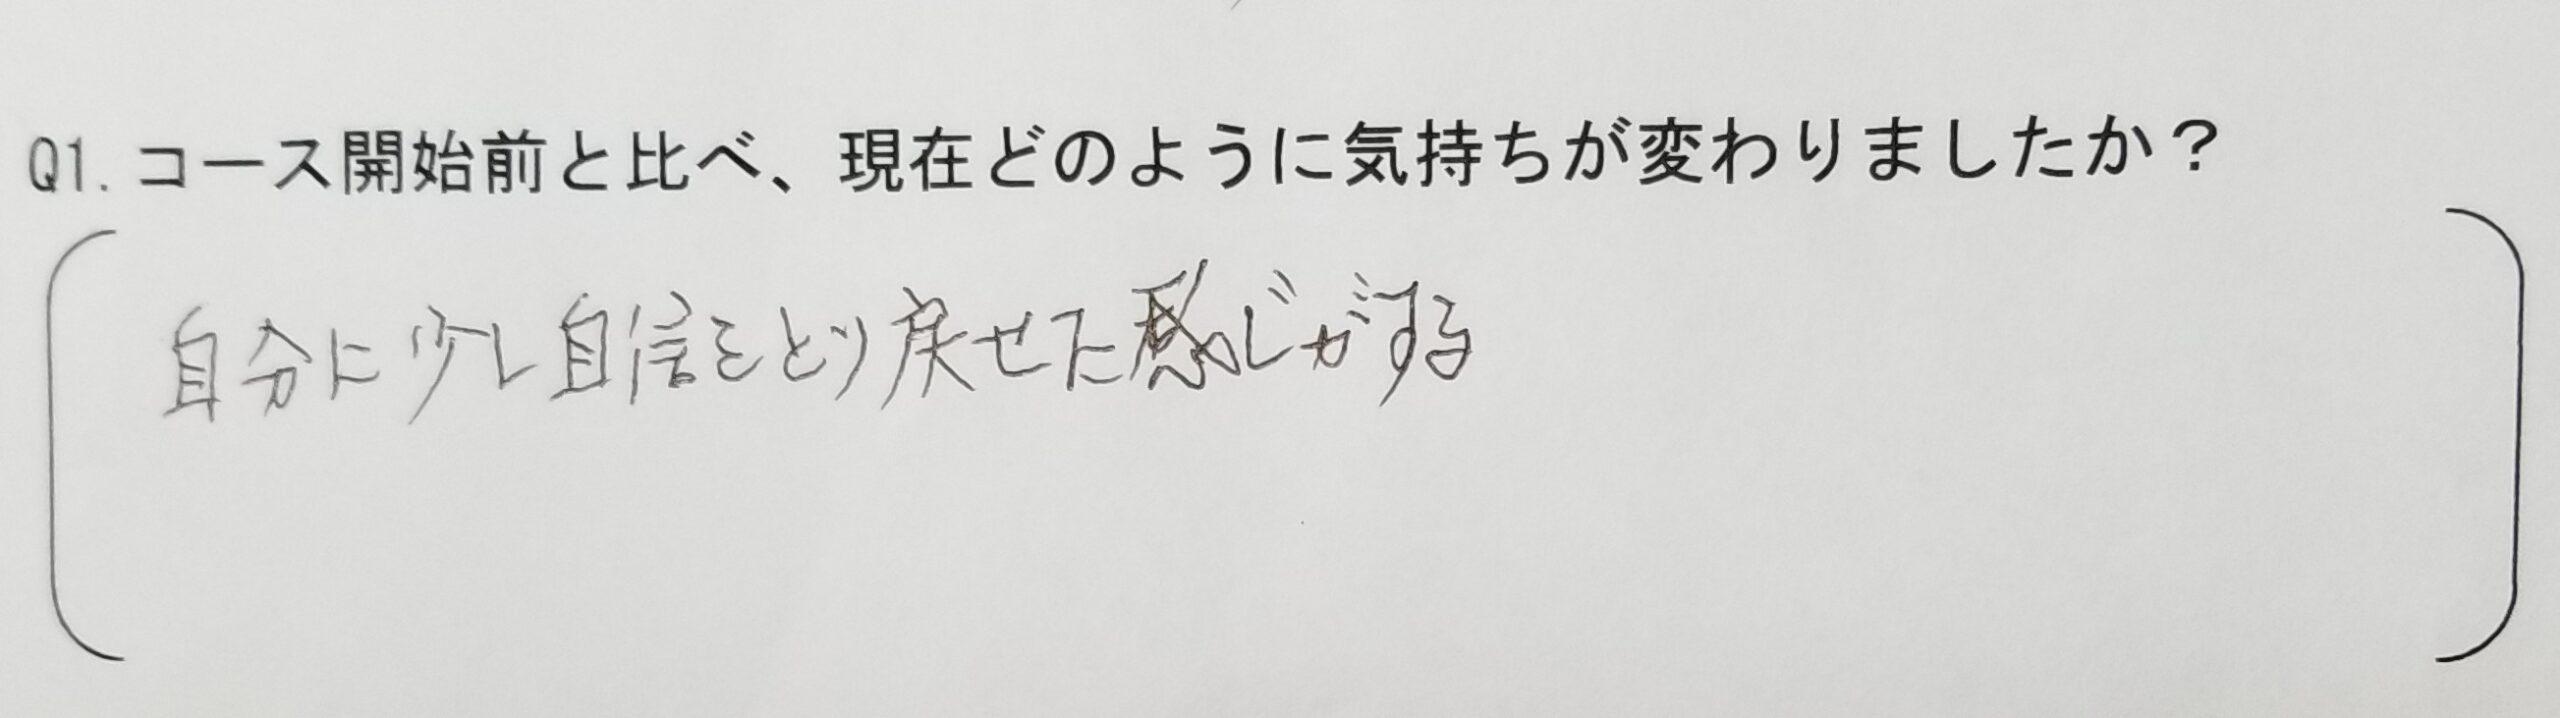 50代男性「リアルタイム発毛」アンケート1